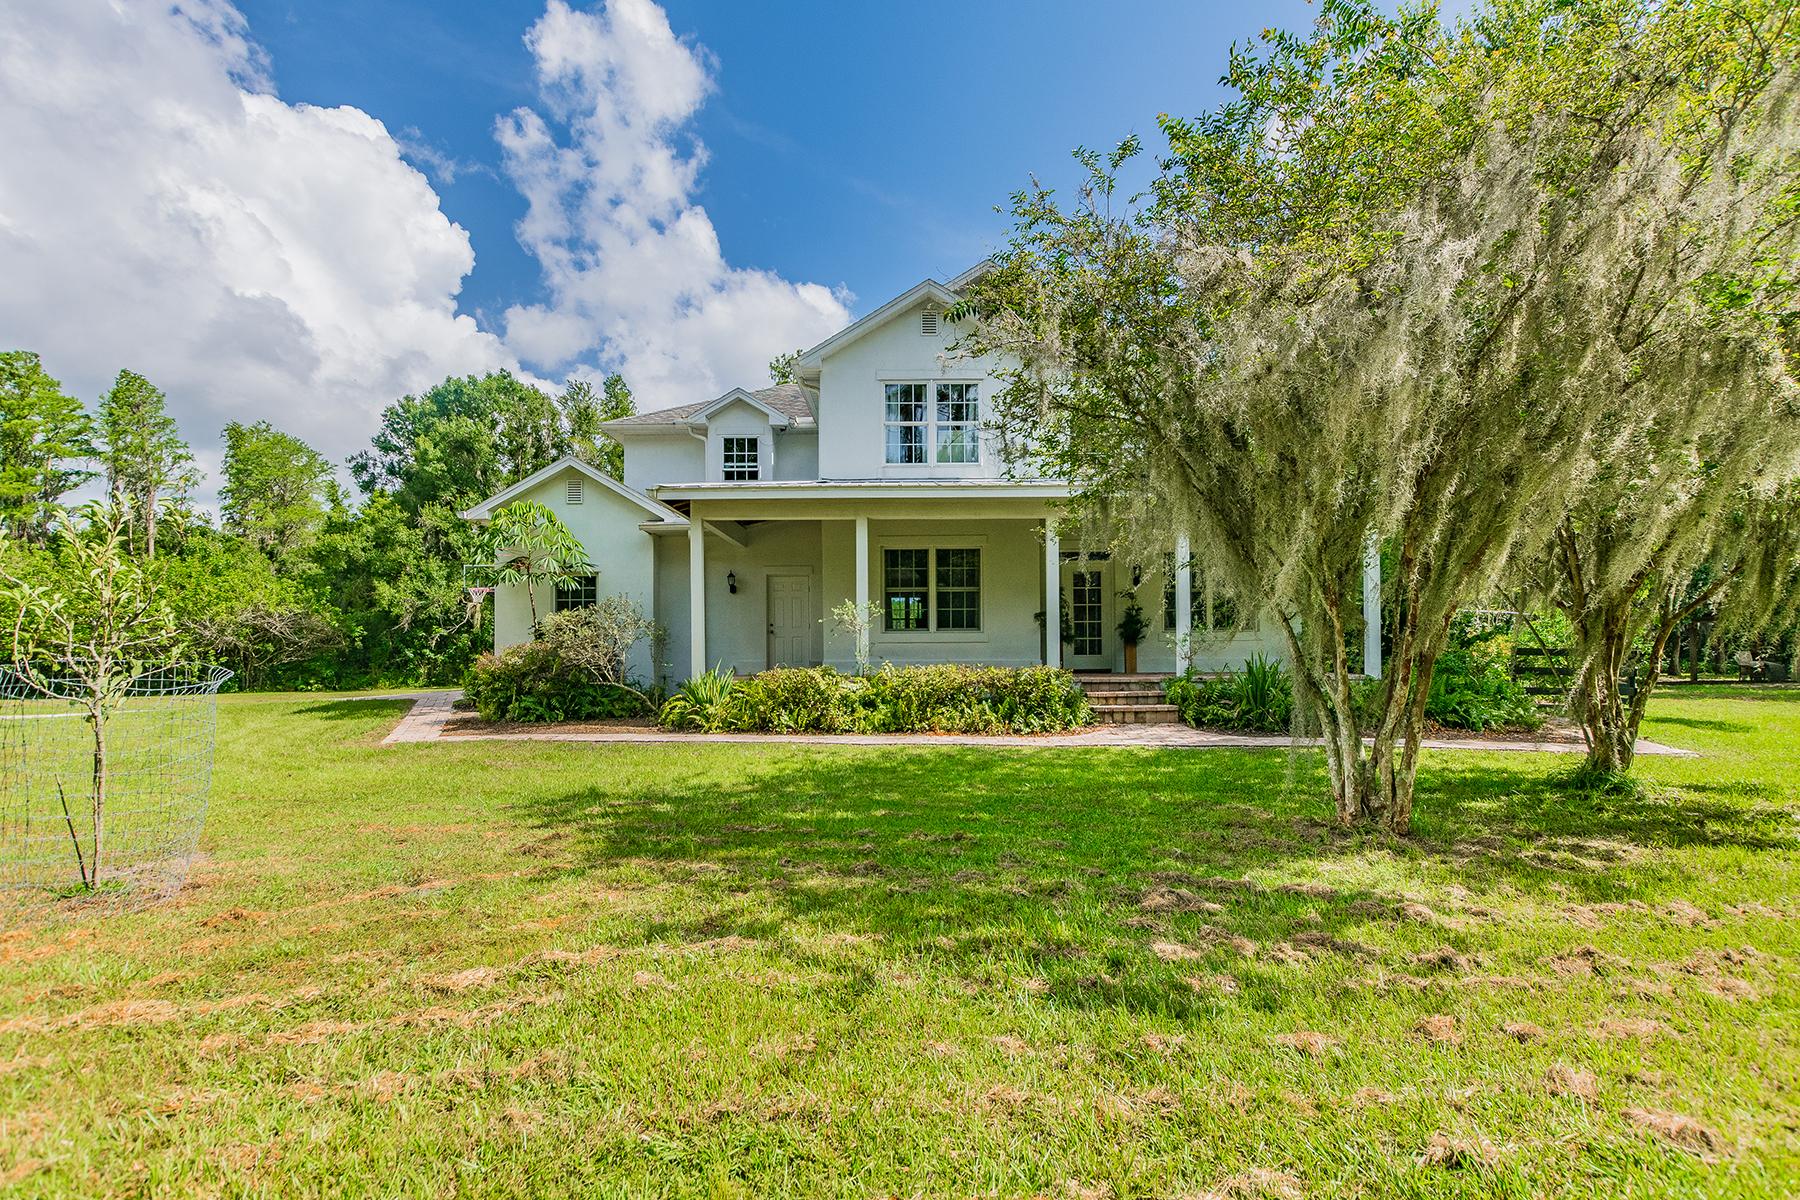 Single Family Homes für Verkauf beim LAND O LAKES 20114 Bexley Rd, Land O' Lakes, Florida 34638 Vereinigte Staaten